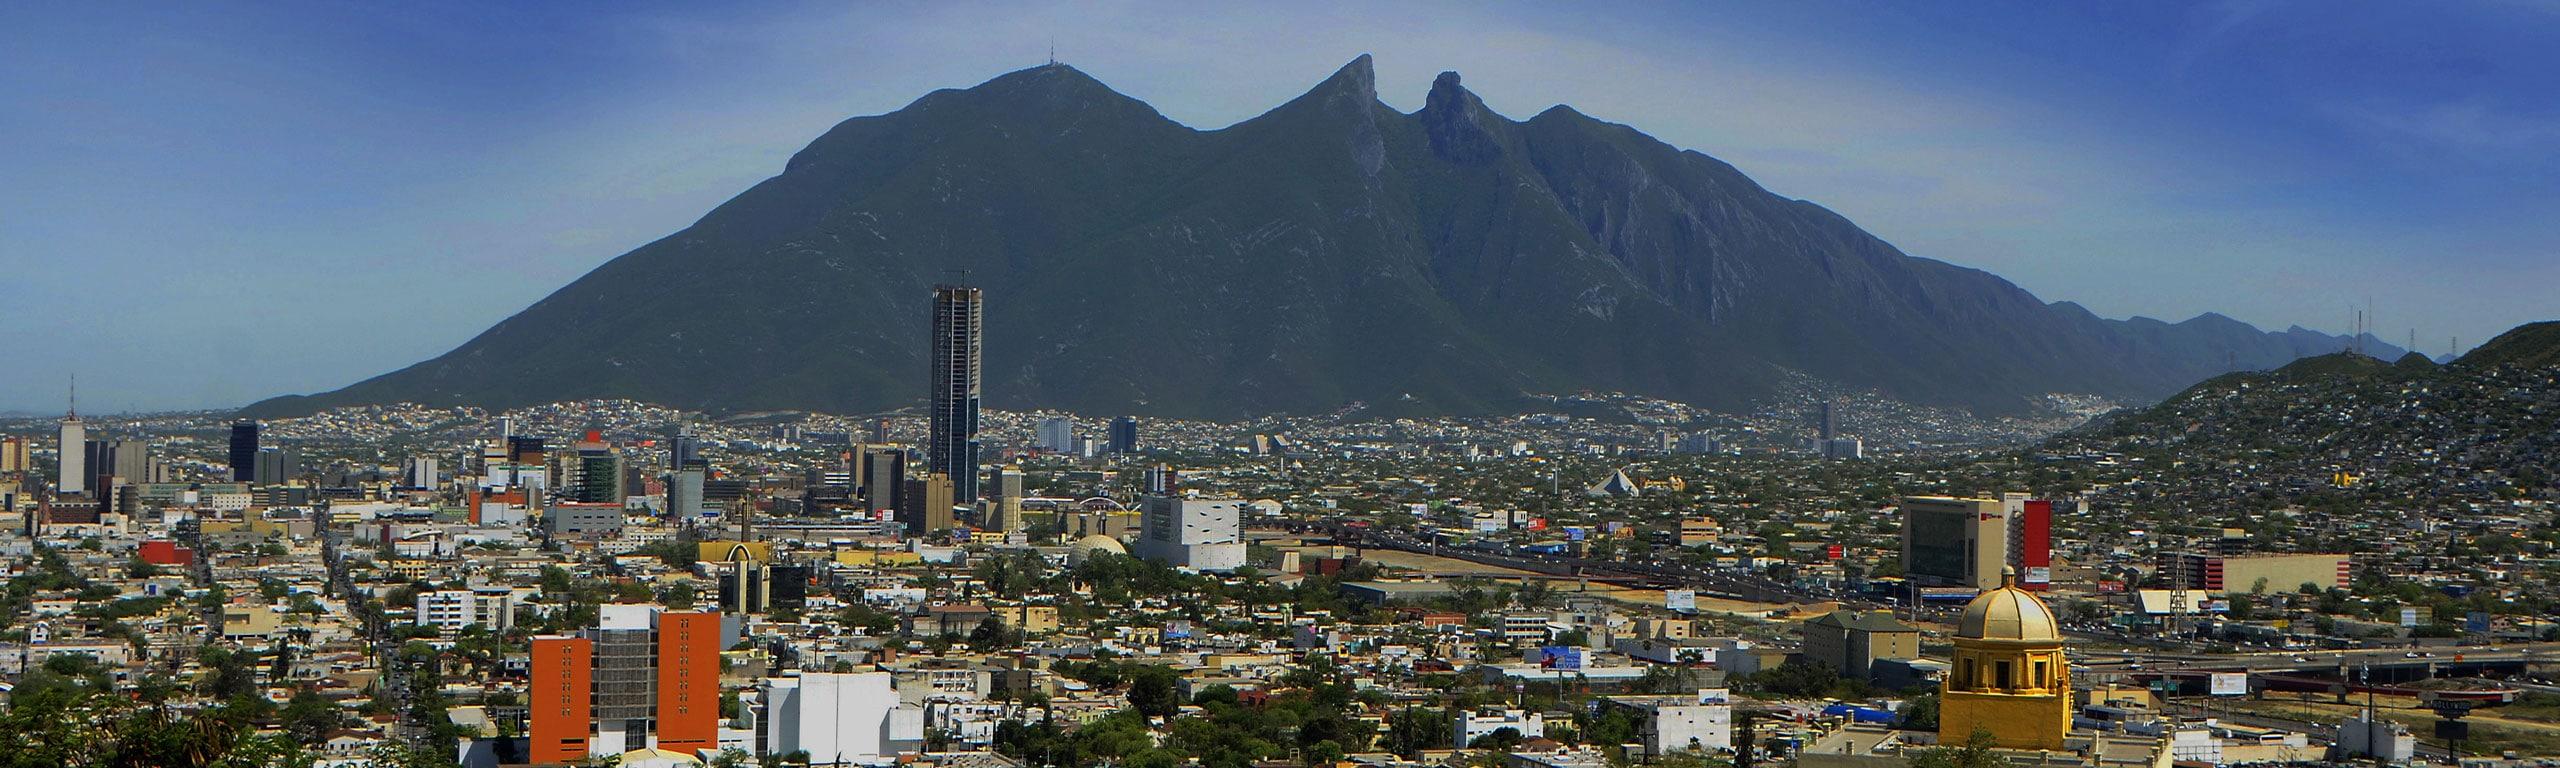 Webhelp_in_Mexico_Monterry